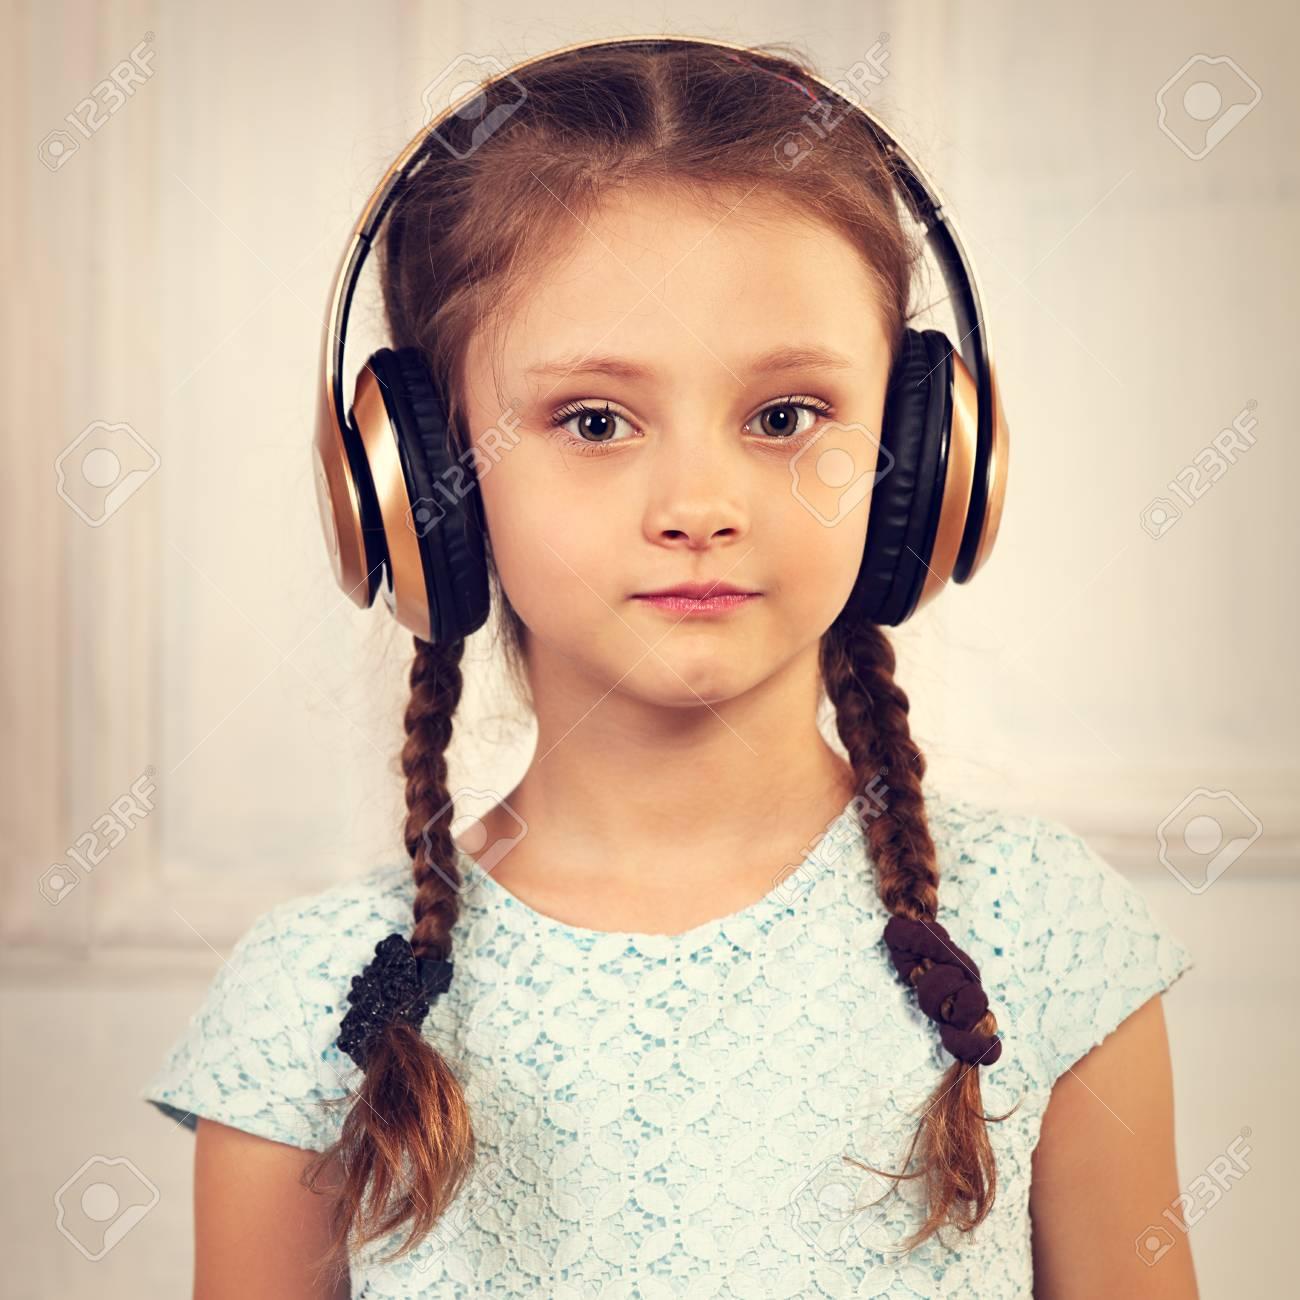 54255f039 Foto de archivo - Muchacha seria tranquila feliz del niño en vestido azul  que escucha la música en auriculares inalámbricos en fondo del estudio.